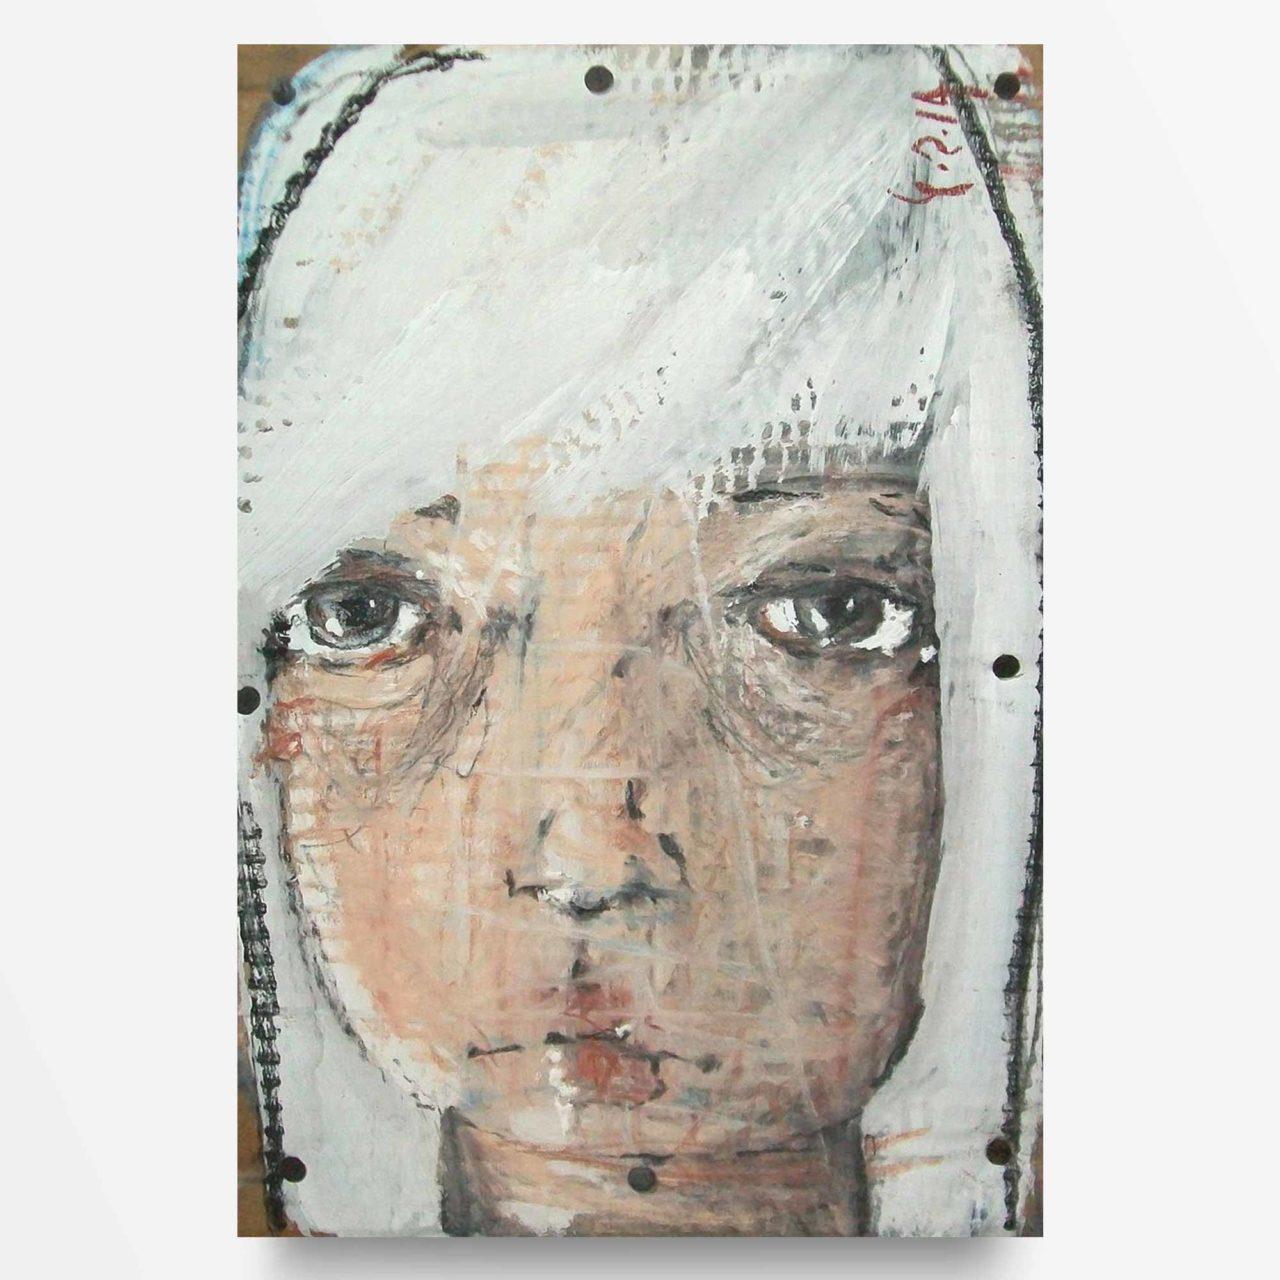 2014 Anni Dieci Ragazza dai capelli bianchi quadro ad acrilico di Diego Gabriele